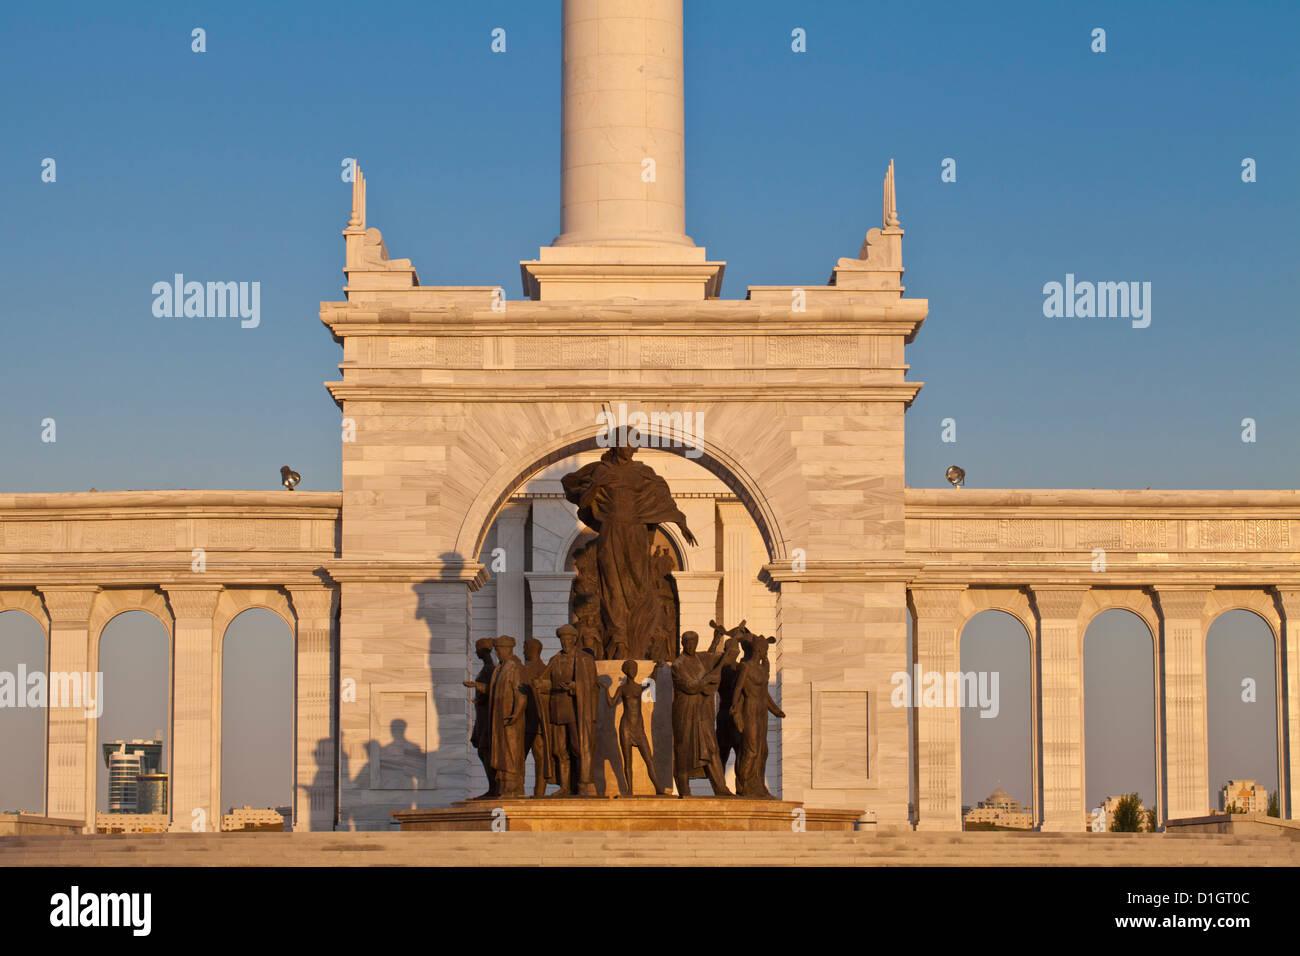 KazakYeli monument (Kazakh Country). Astana, Kazakhstan, Central Asia, Asia - Stock Image